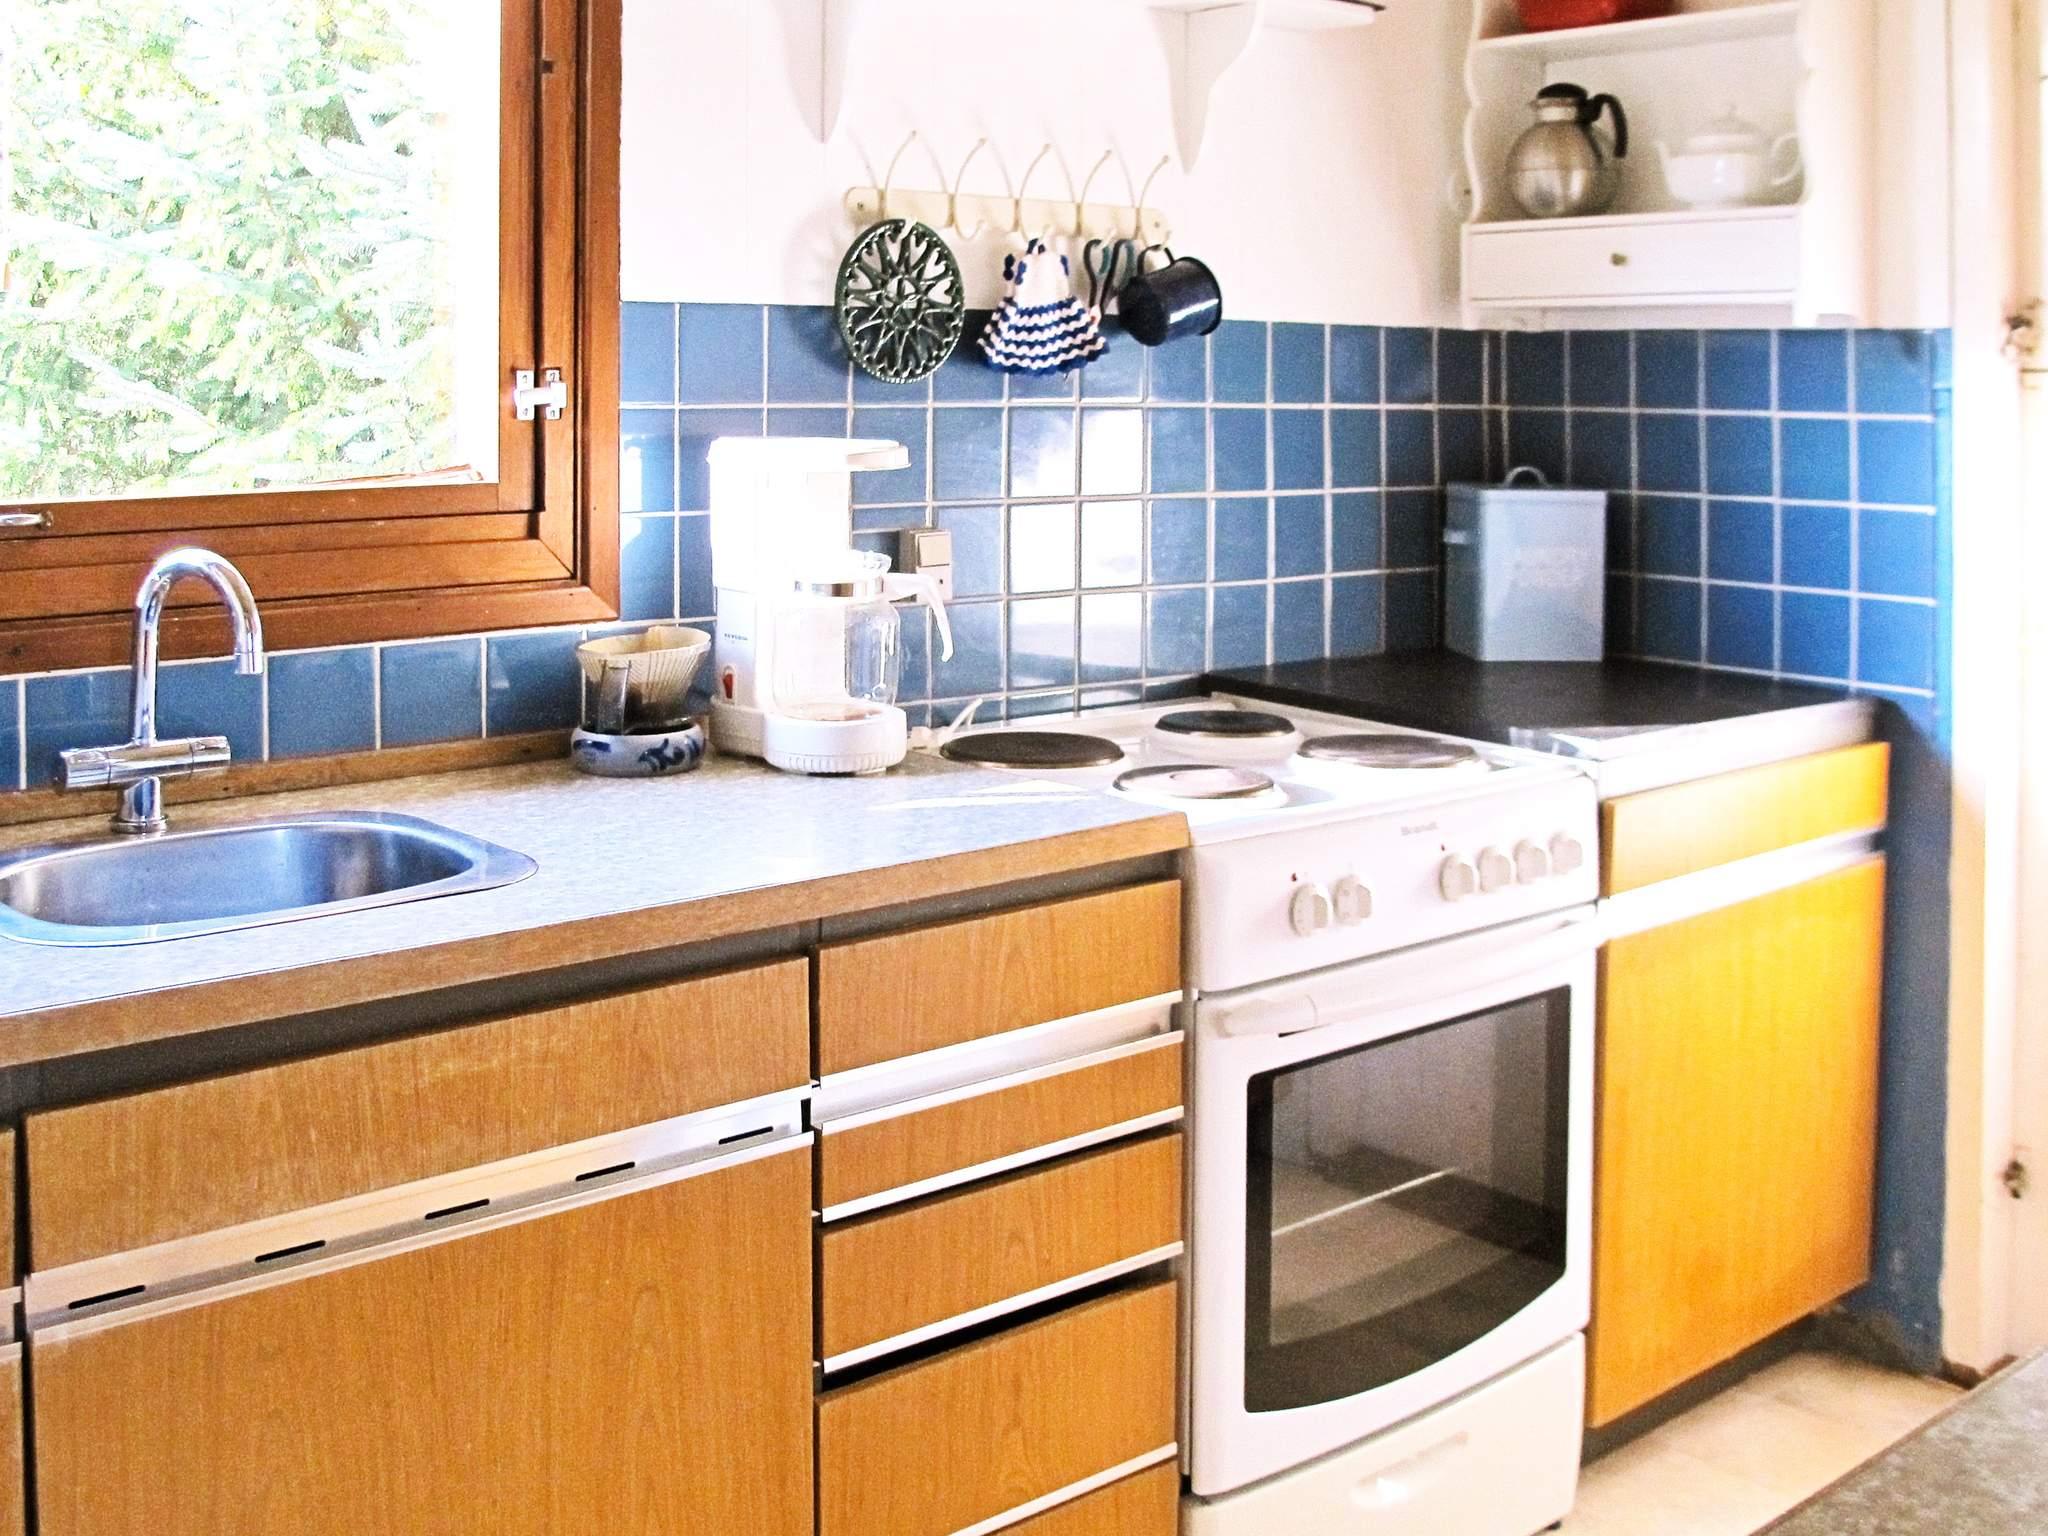 Ferienhaus Lyngså/Voerså (82093), Lyngså, , Nordostjütland, Dänemark, Bild 7